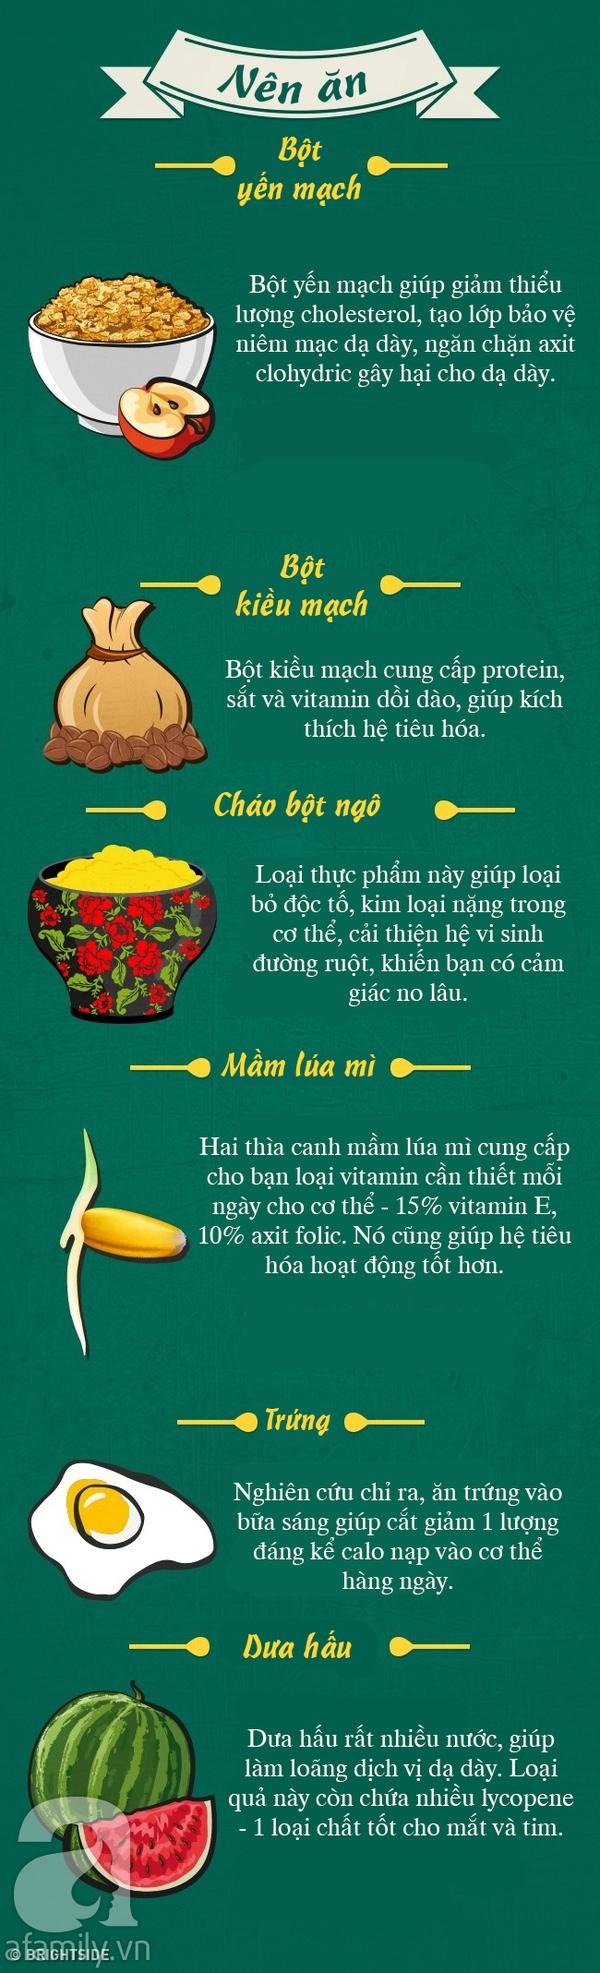 thực phẩm nên và không nên ăn khi đói